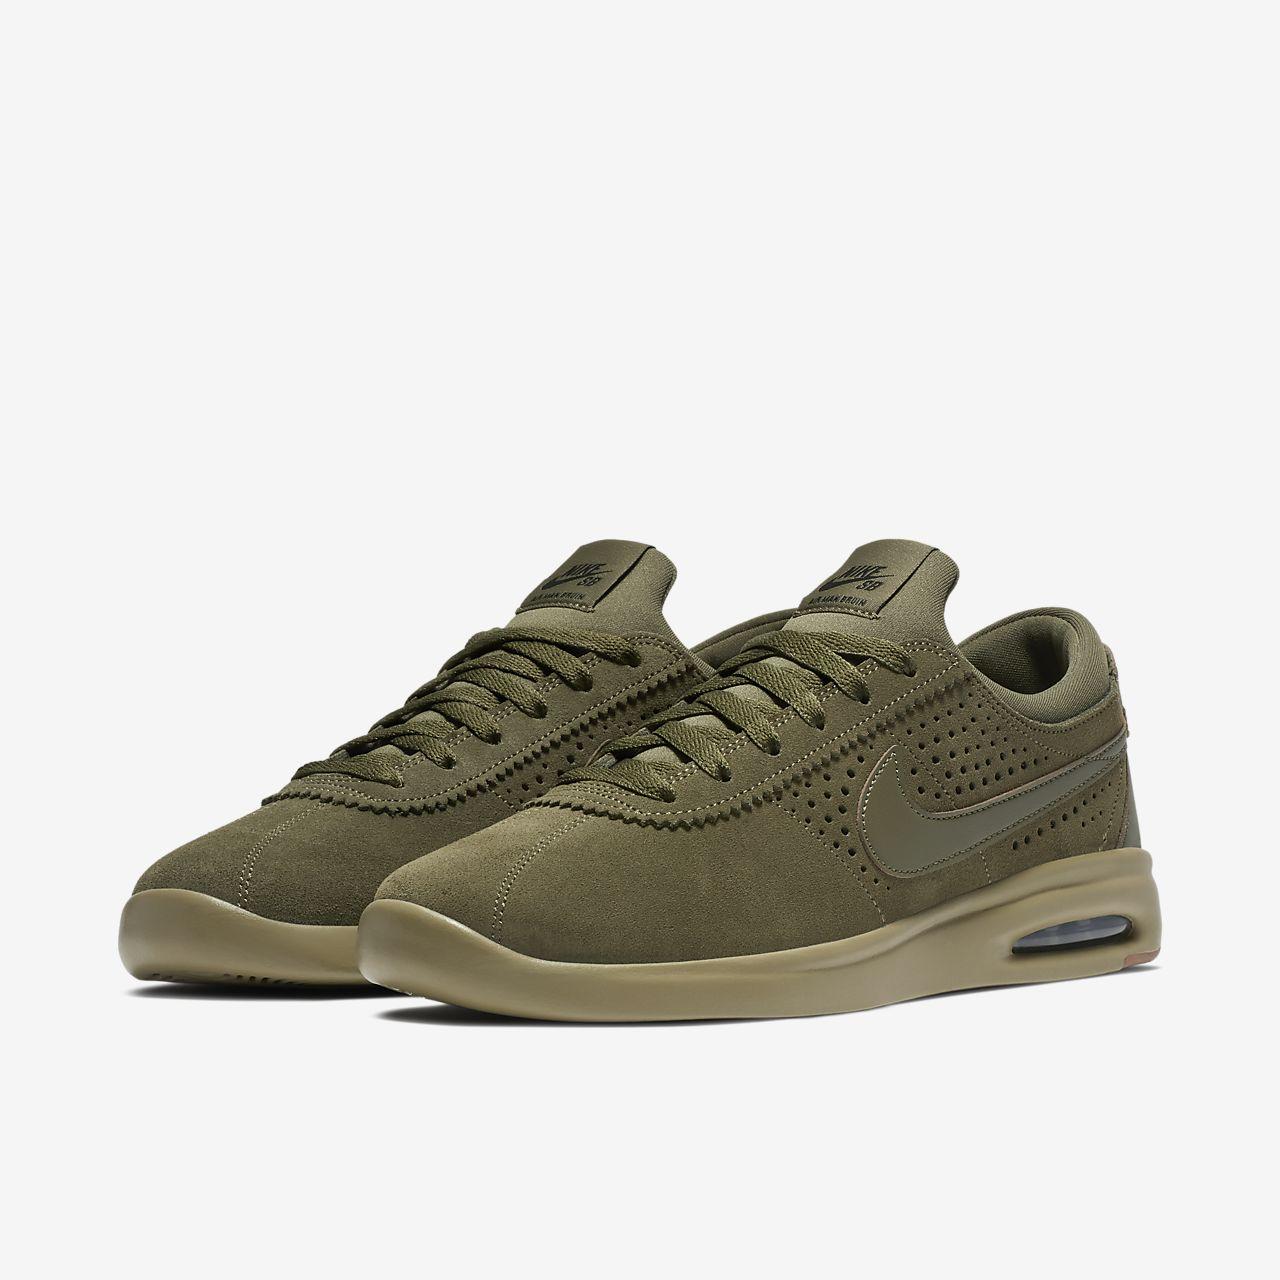 Chaussures Vert Classique Nike Collection Classique Pour Les Femmes VxSpt